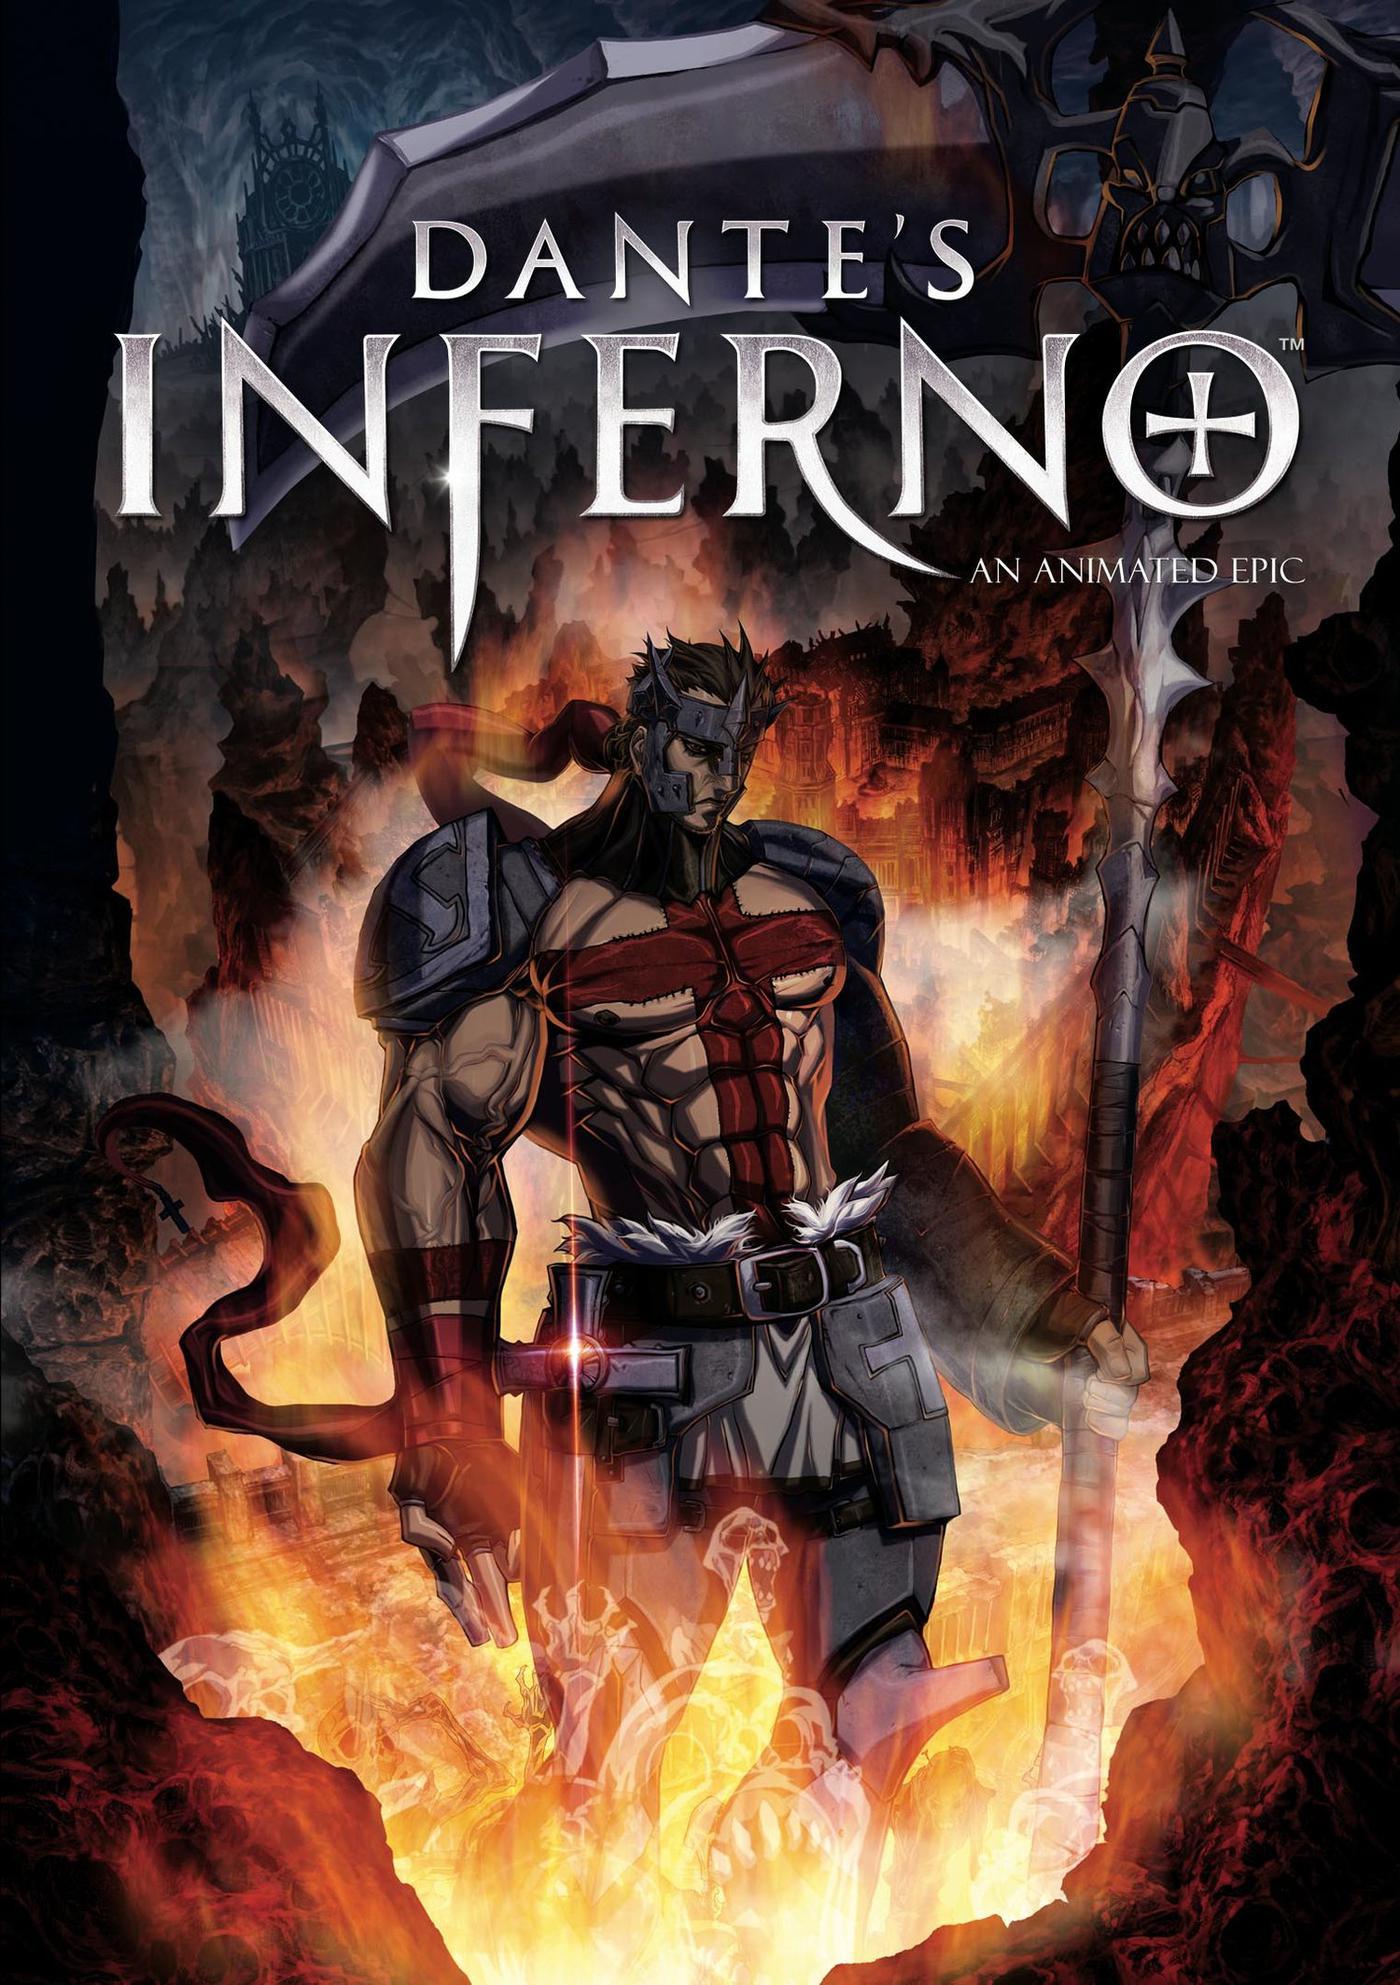 დანტეს ჯოჯოხეთი / Dante's Inferno: An Animated Epic